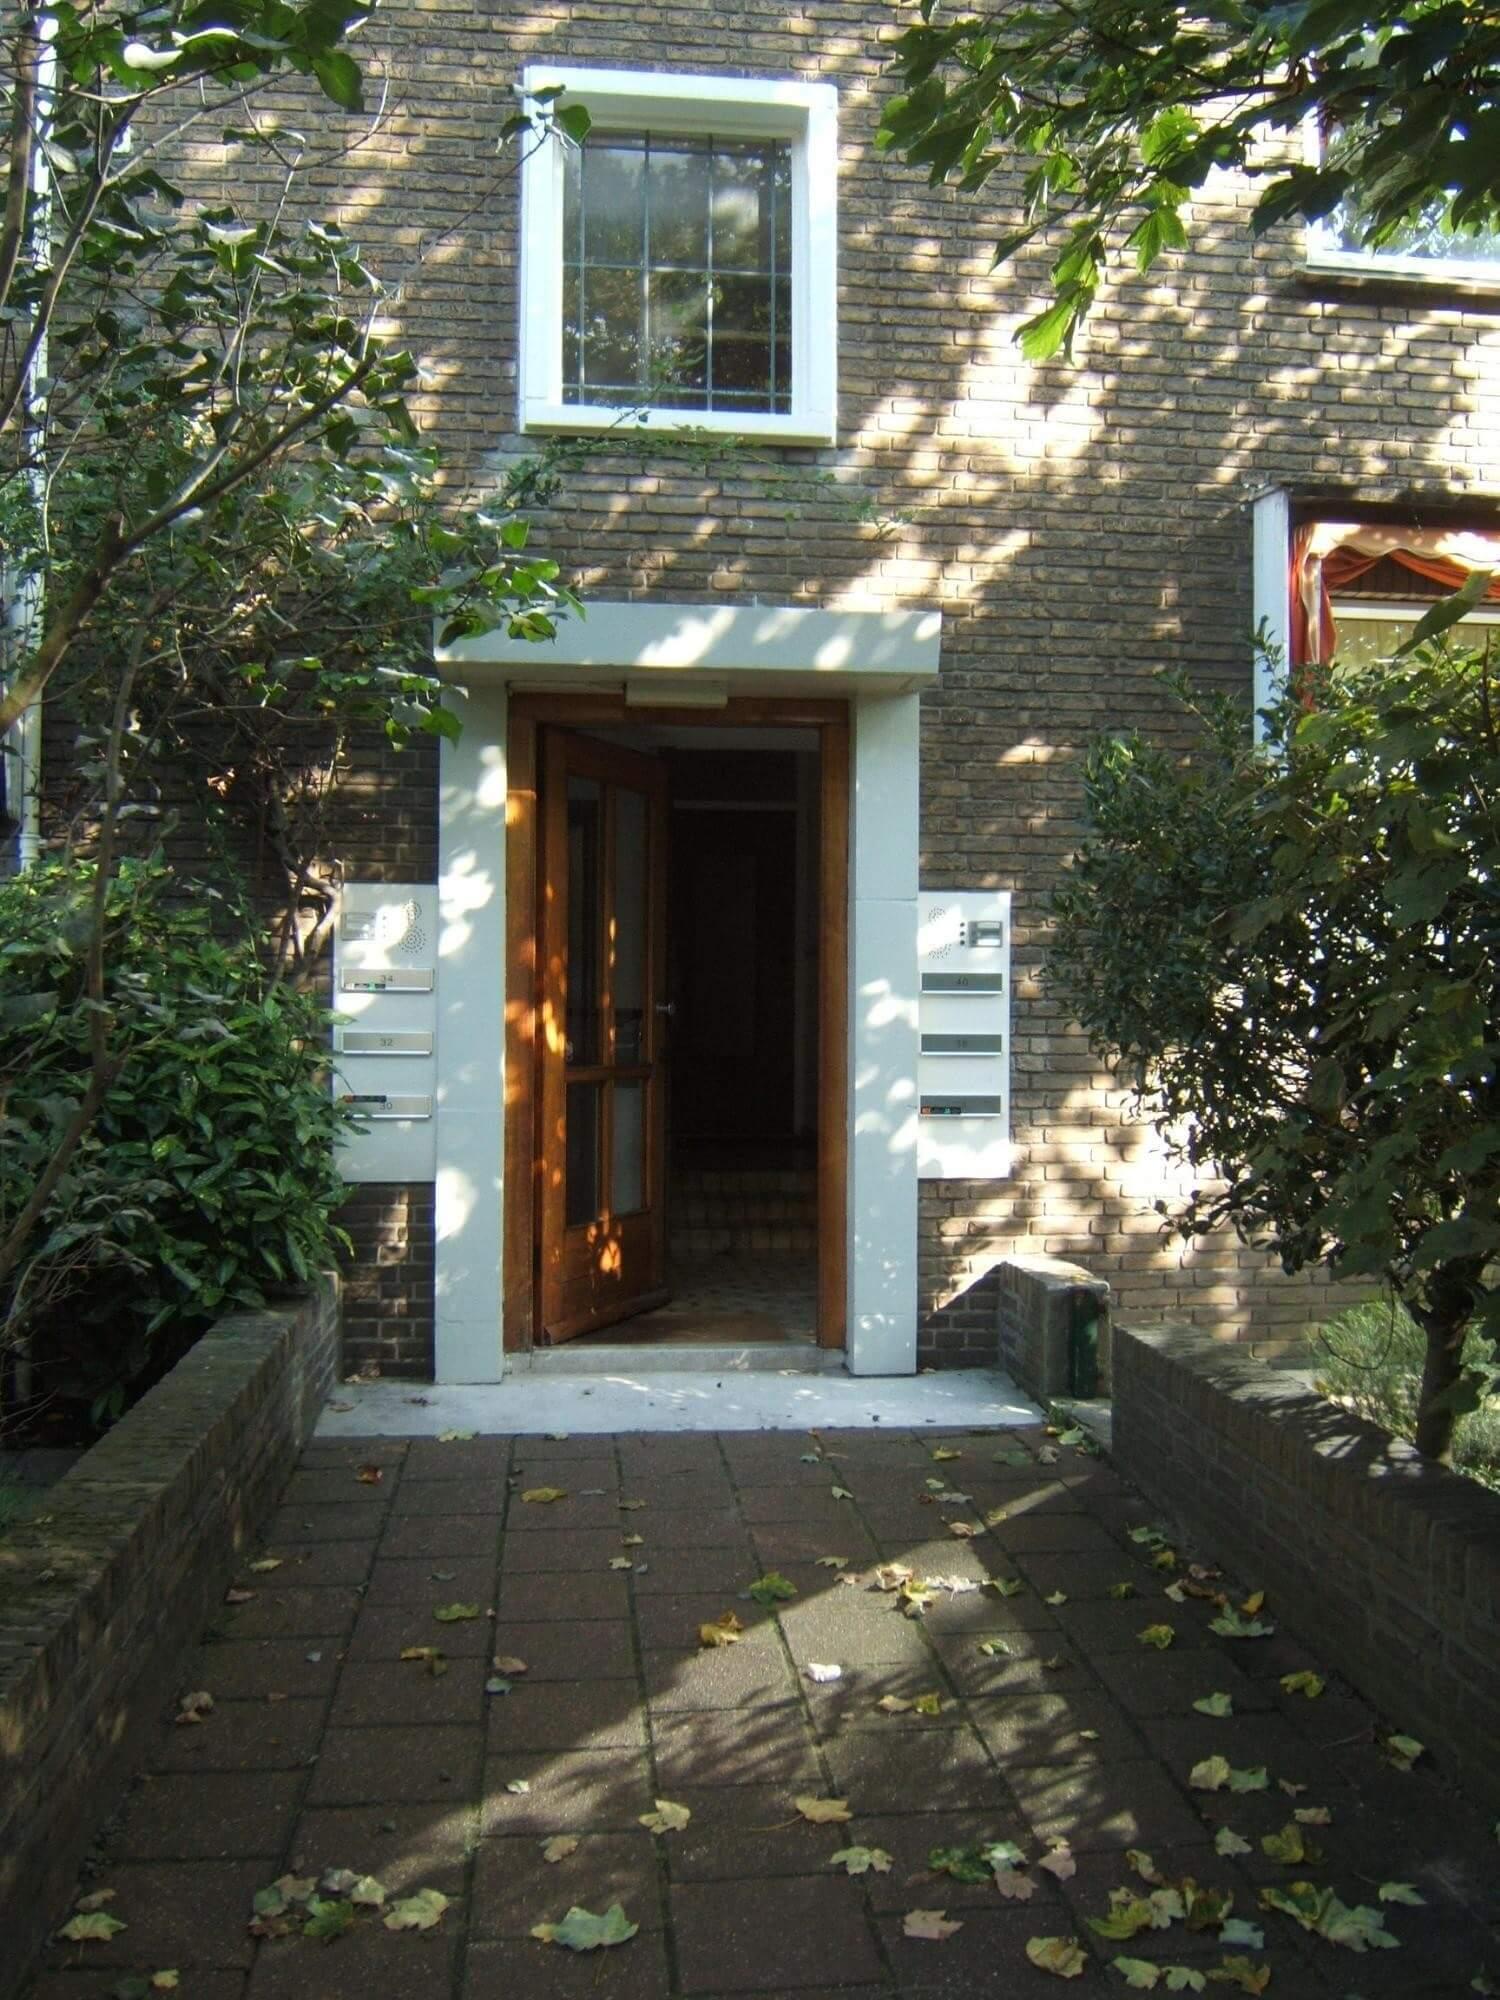 Amalia van Solmsstraat 38